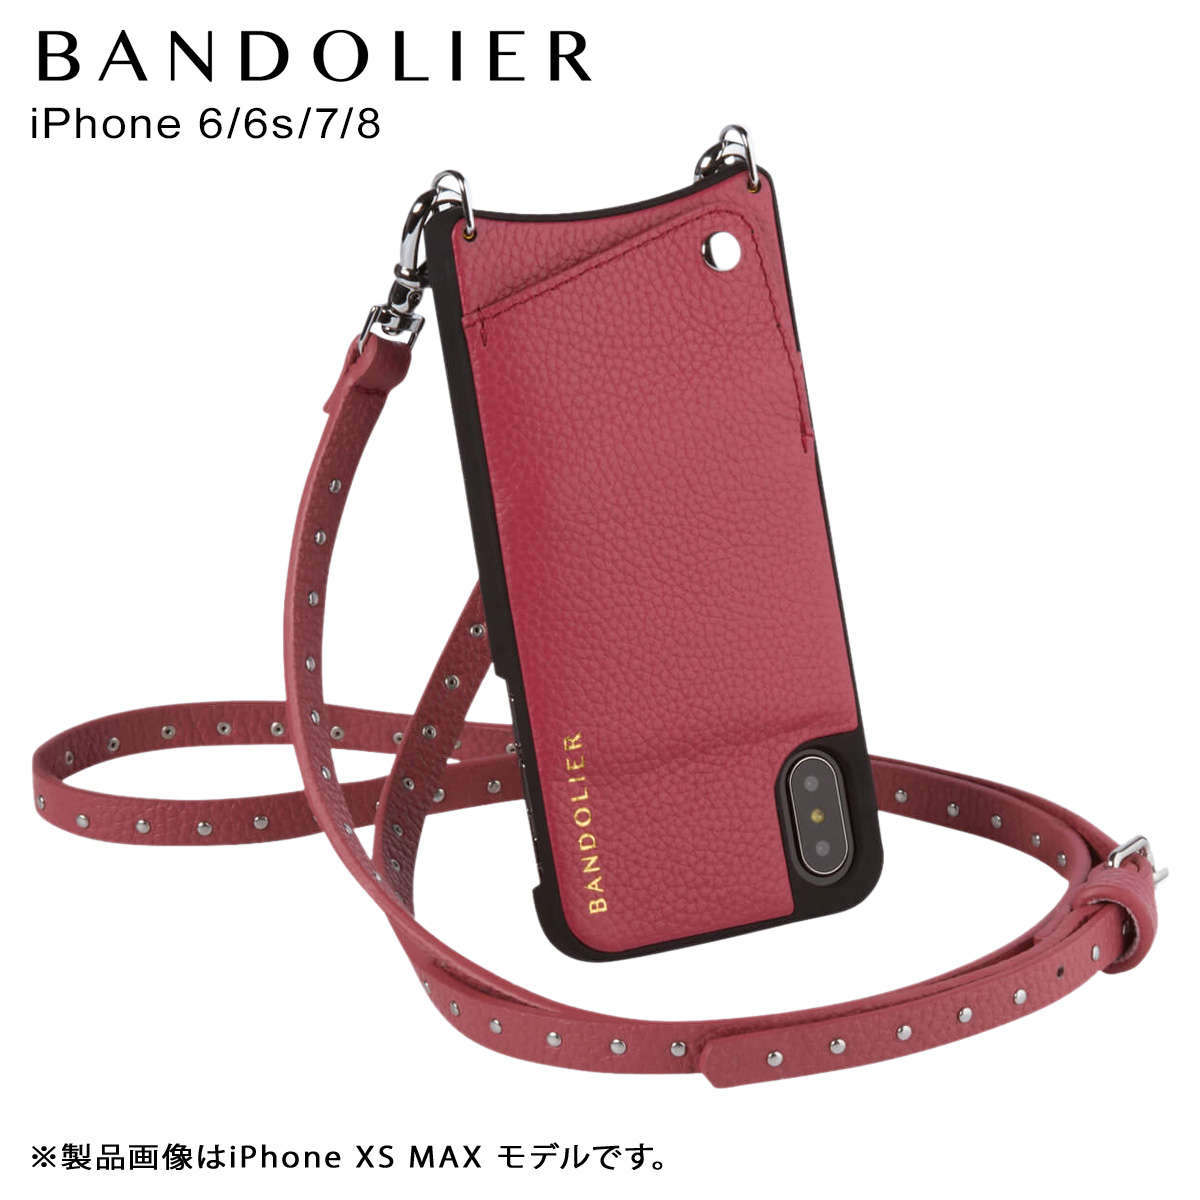 バンドリヤー BANDOLIER iPhone 8 7 6s 6 ケース ショルダー スマホ アイフォン レザー NICOLE MAGENTA RED メンズ レディース マゼンタ レッド 10NIC1001